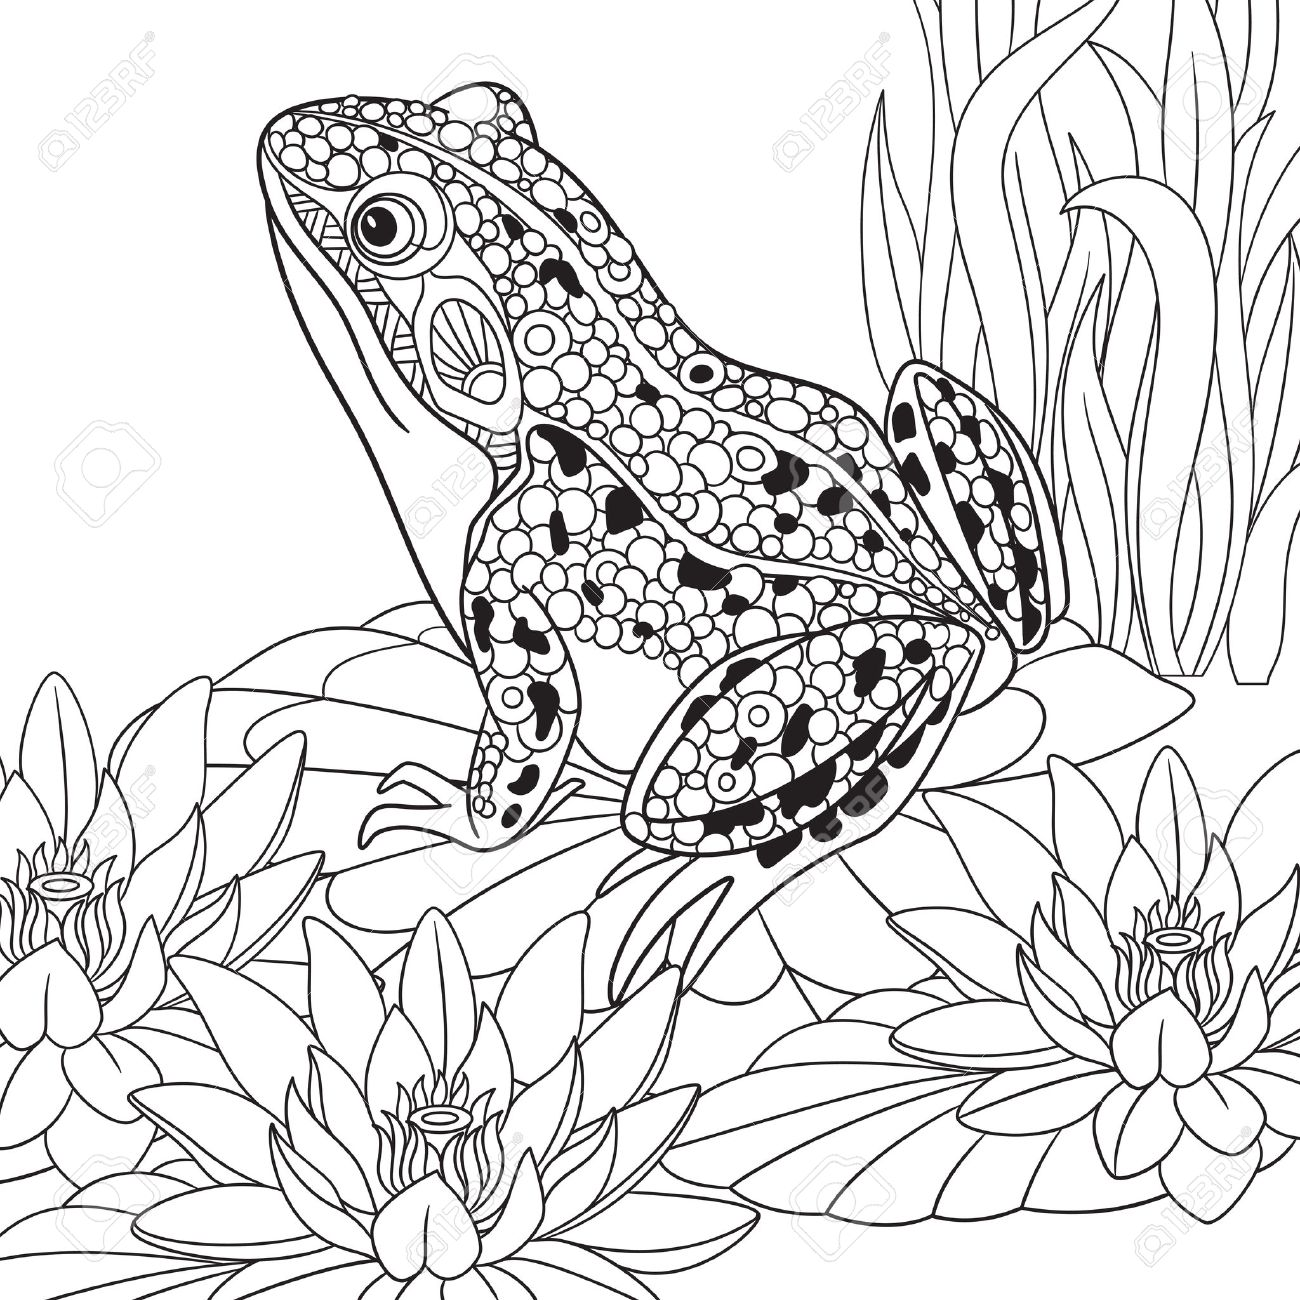 1300x1300 Zentangle Stylized Cartoon Frog Sitting Among Lotus Flowers